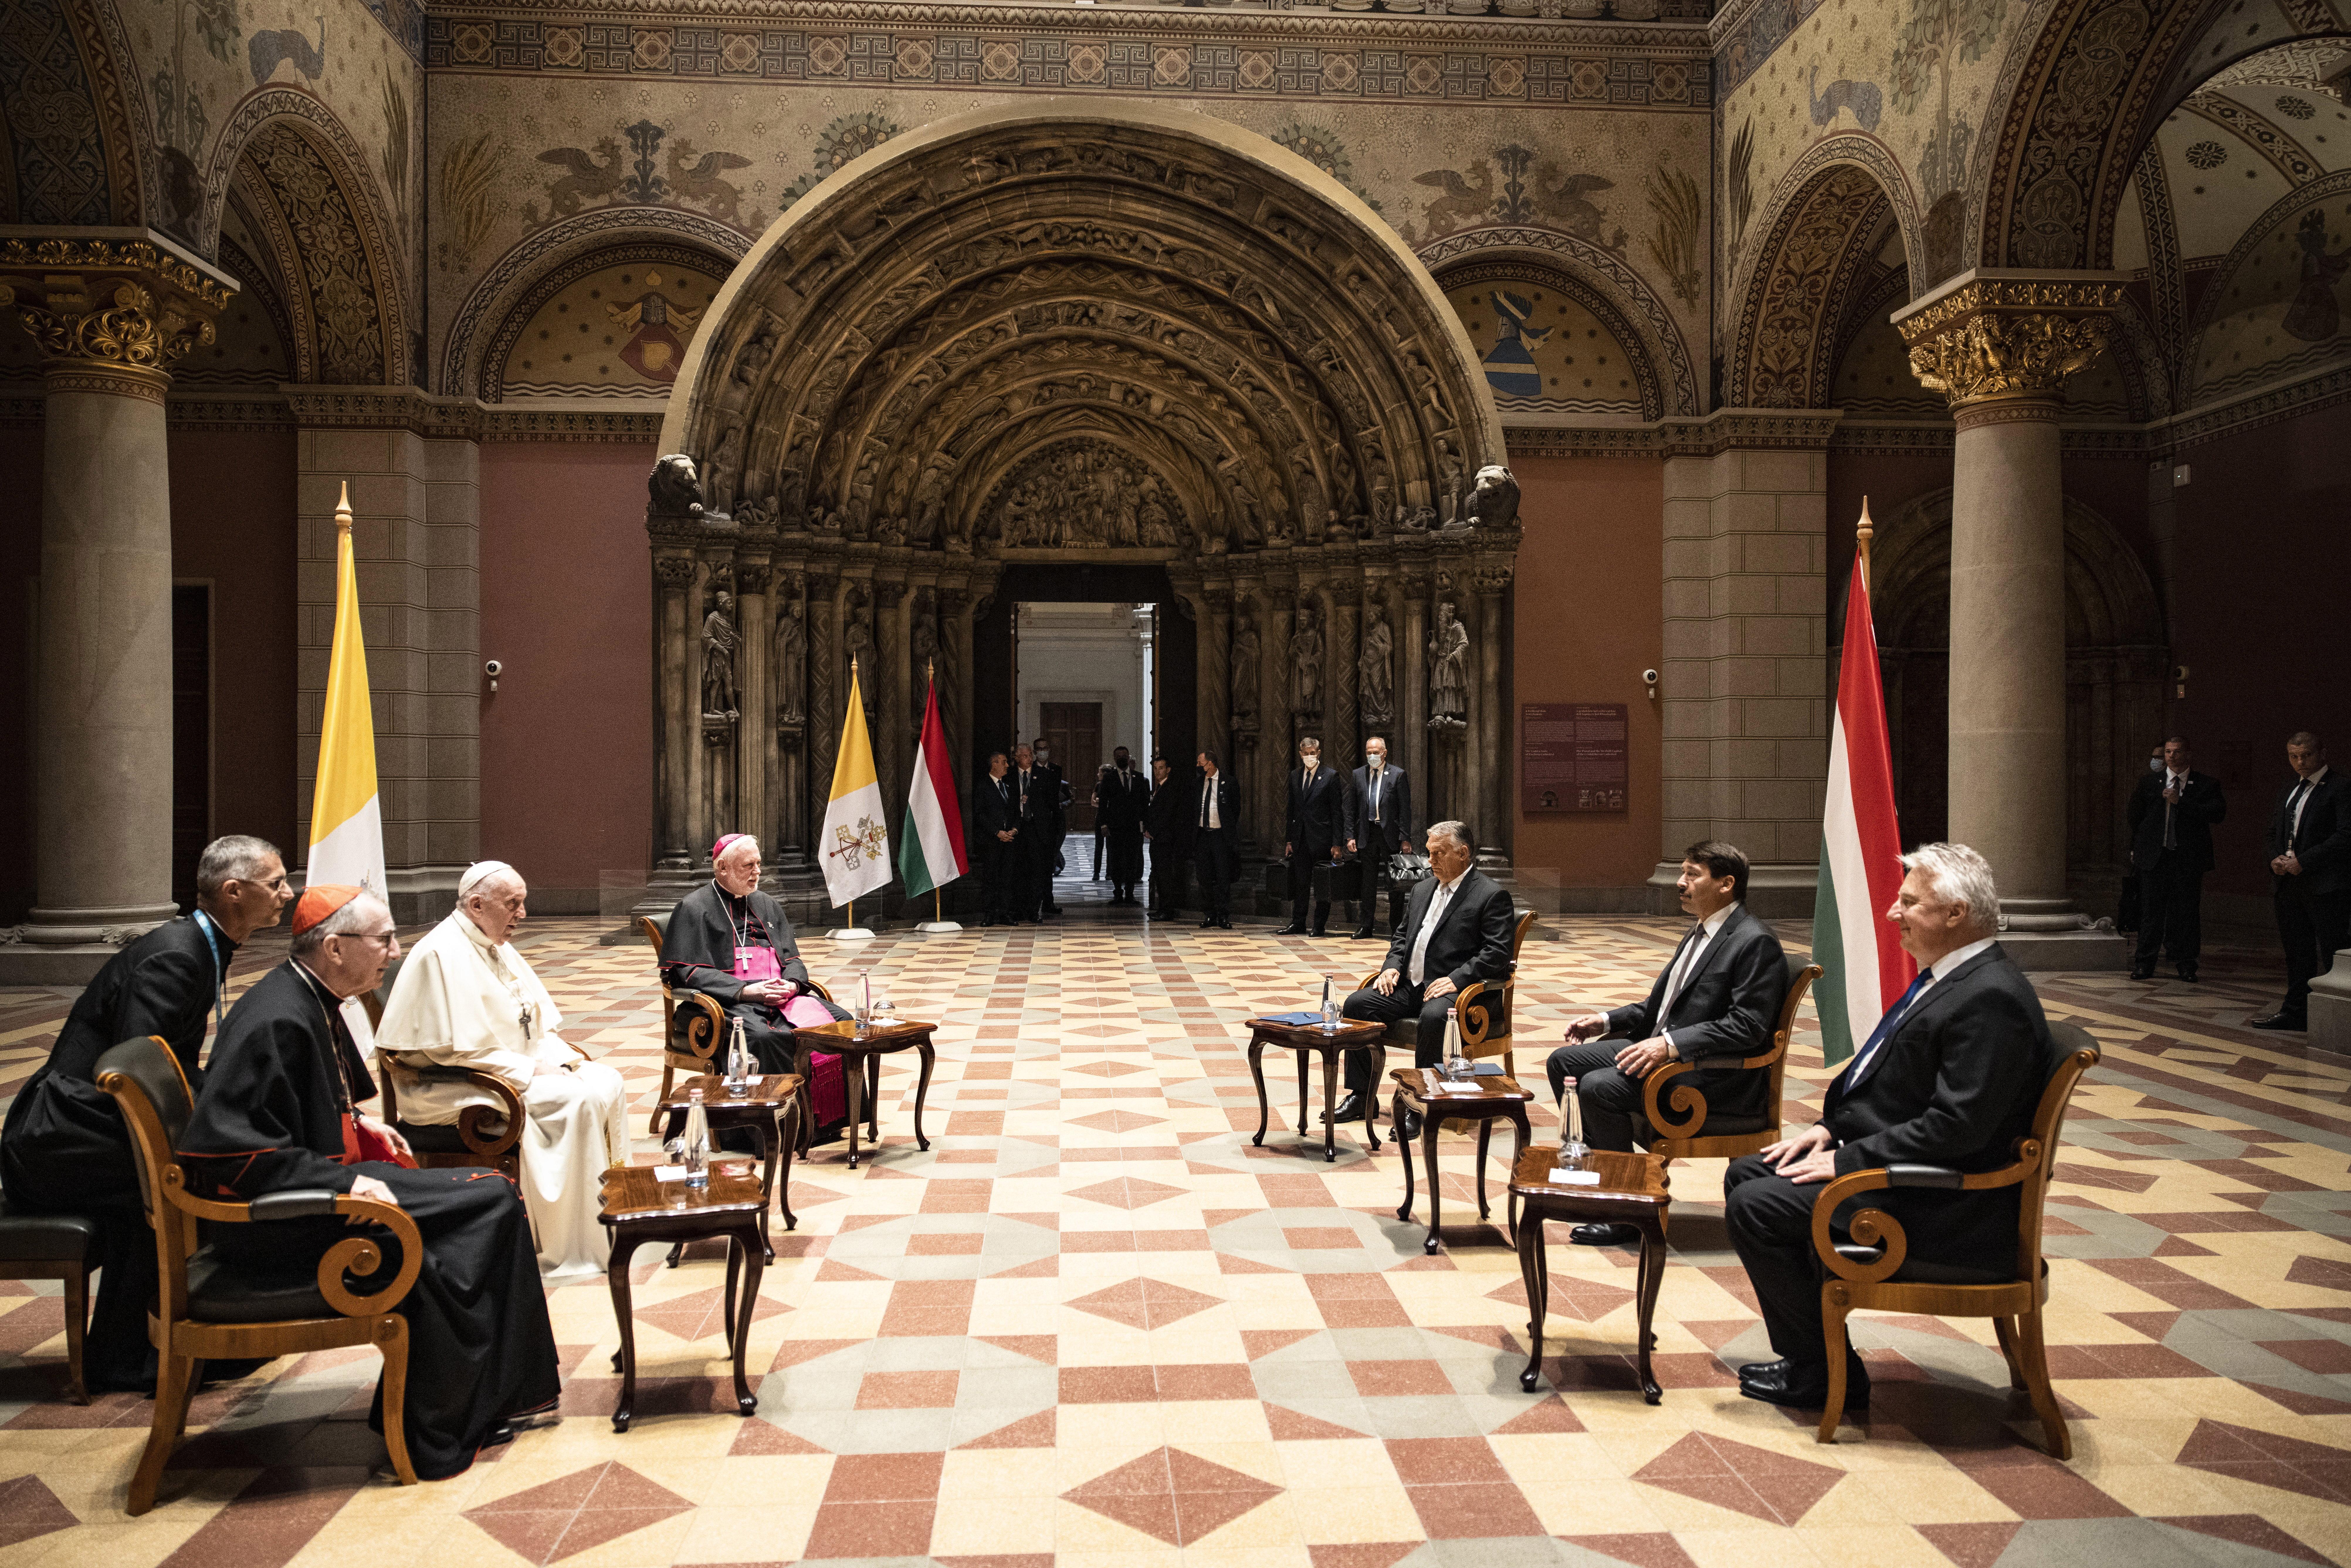 Ferenc pápa azt mondja, találkozójukon végig Áder beszélt, Orbán és Semjén csak ritkán szólalt meg